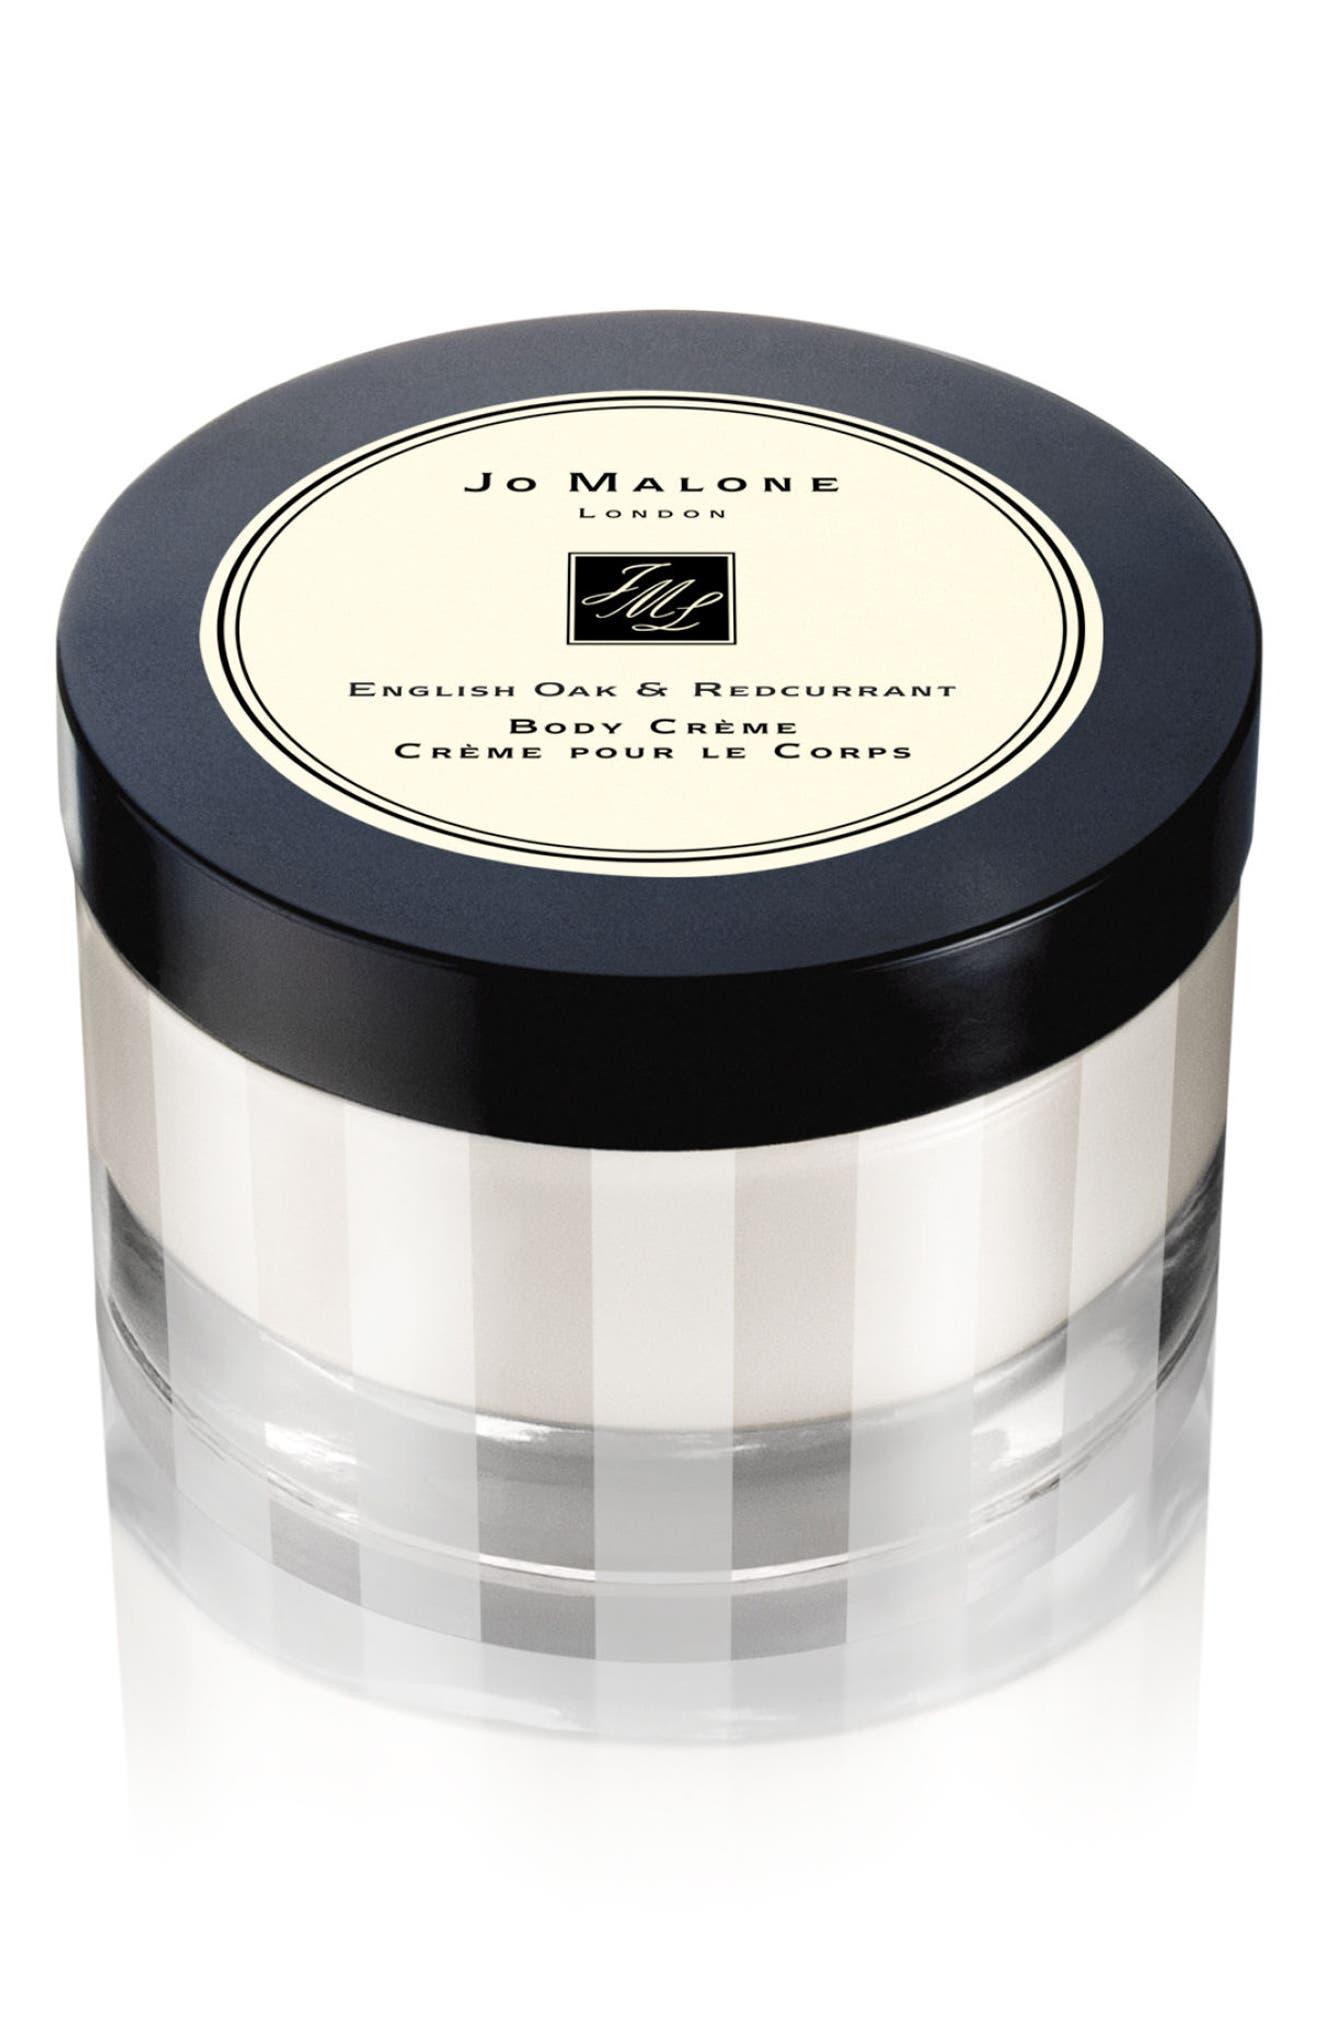 Main Image - Jo Malone London™ English Oak & Redcurrant Body Crème